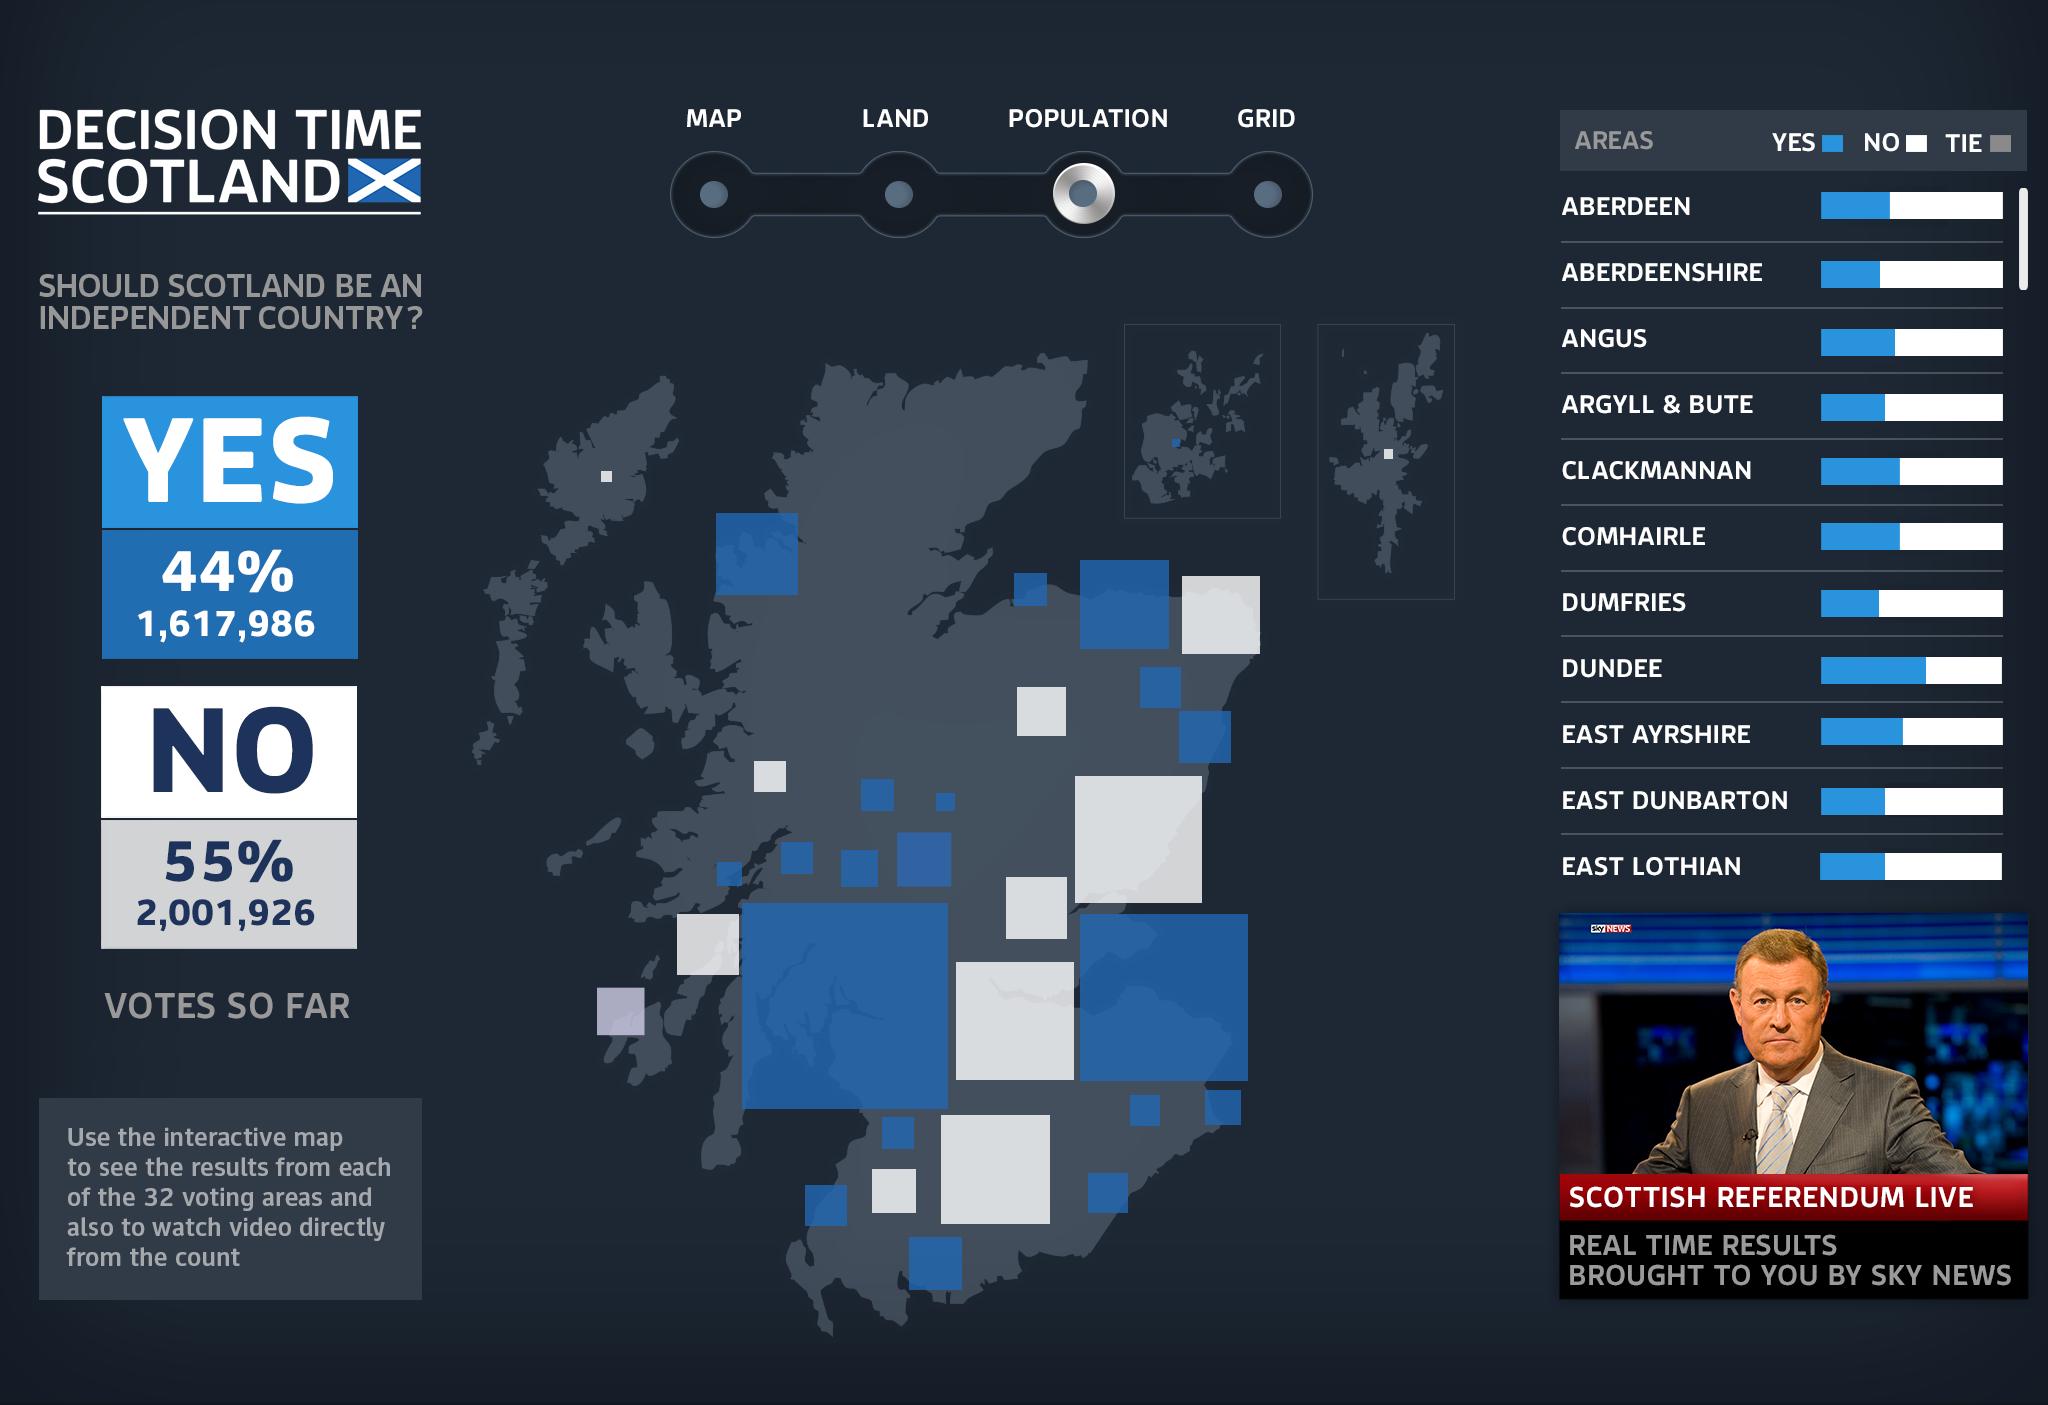 SkyNews-DecisionTimeScotland-4.png